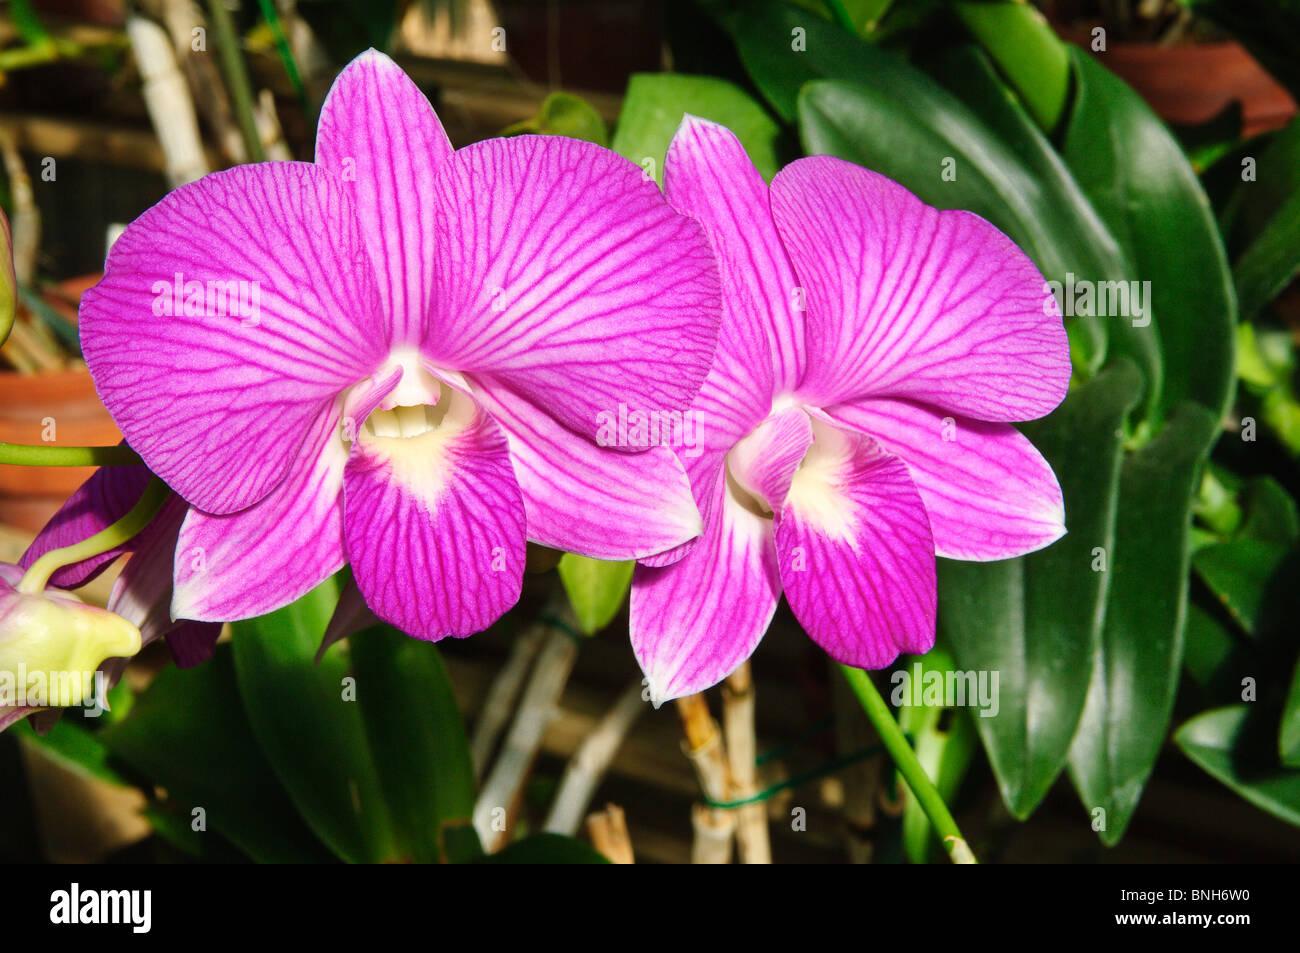 Texas, Corpus Christi. South Texas Botanical Gardens U0026 Nature Center